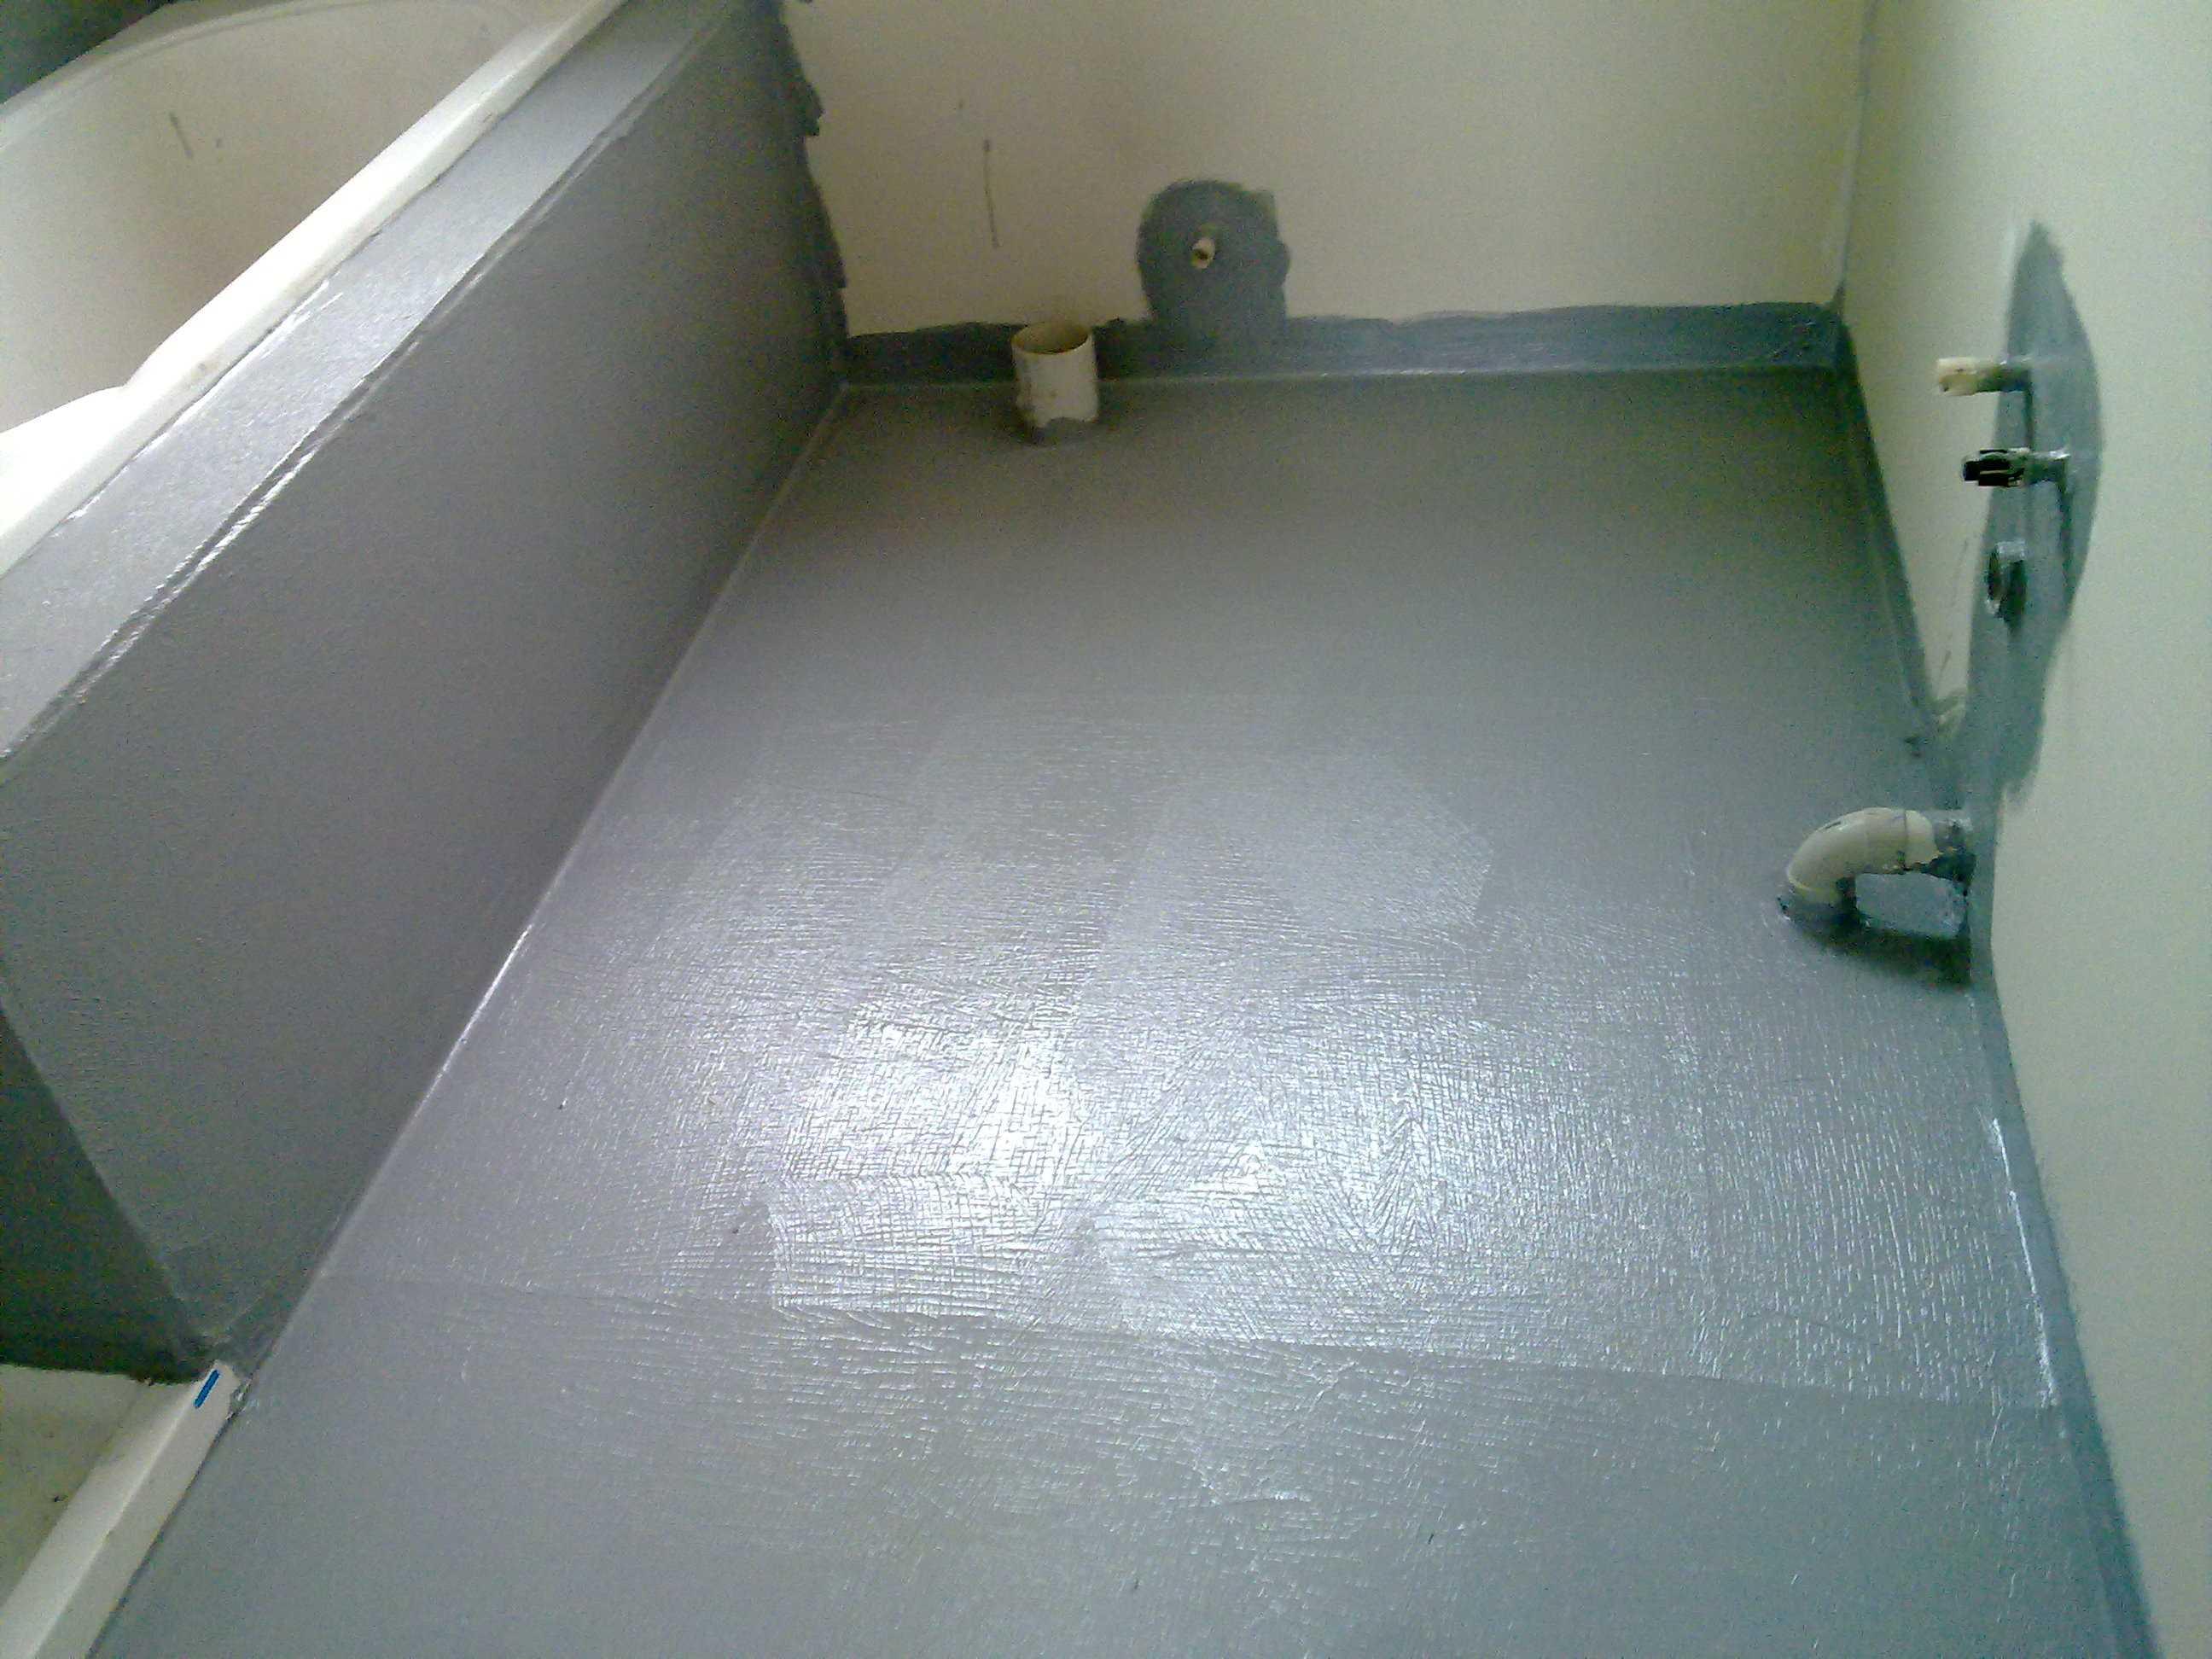 пример гидроизоляции трапа в полу ванной пропиткой с поддоном